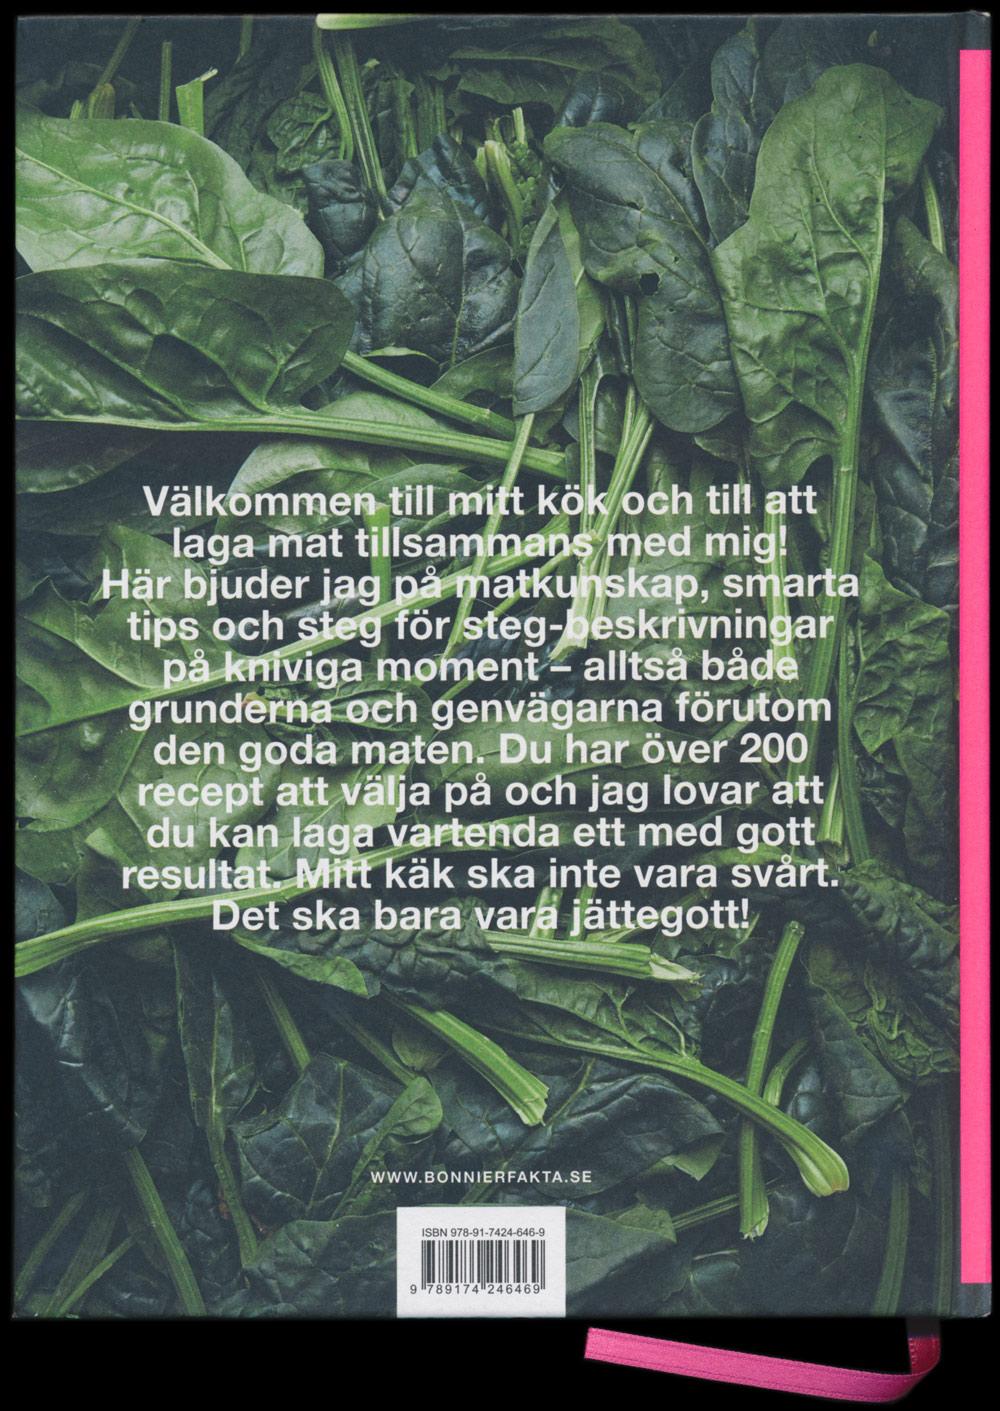 Tina Nordströms kokbok Tinas kök